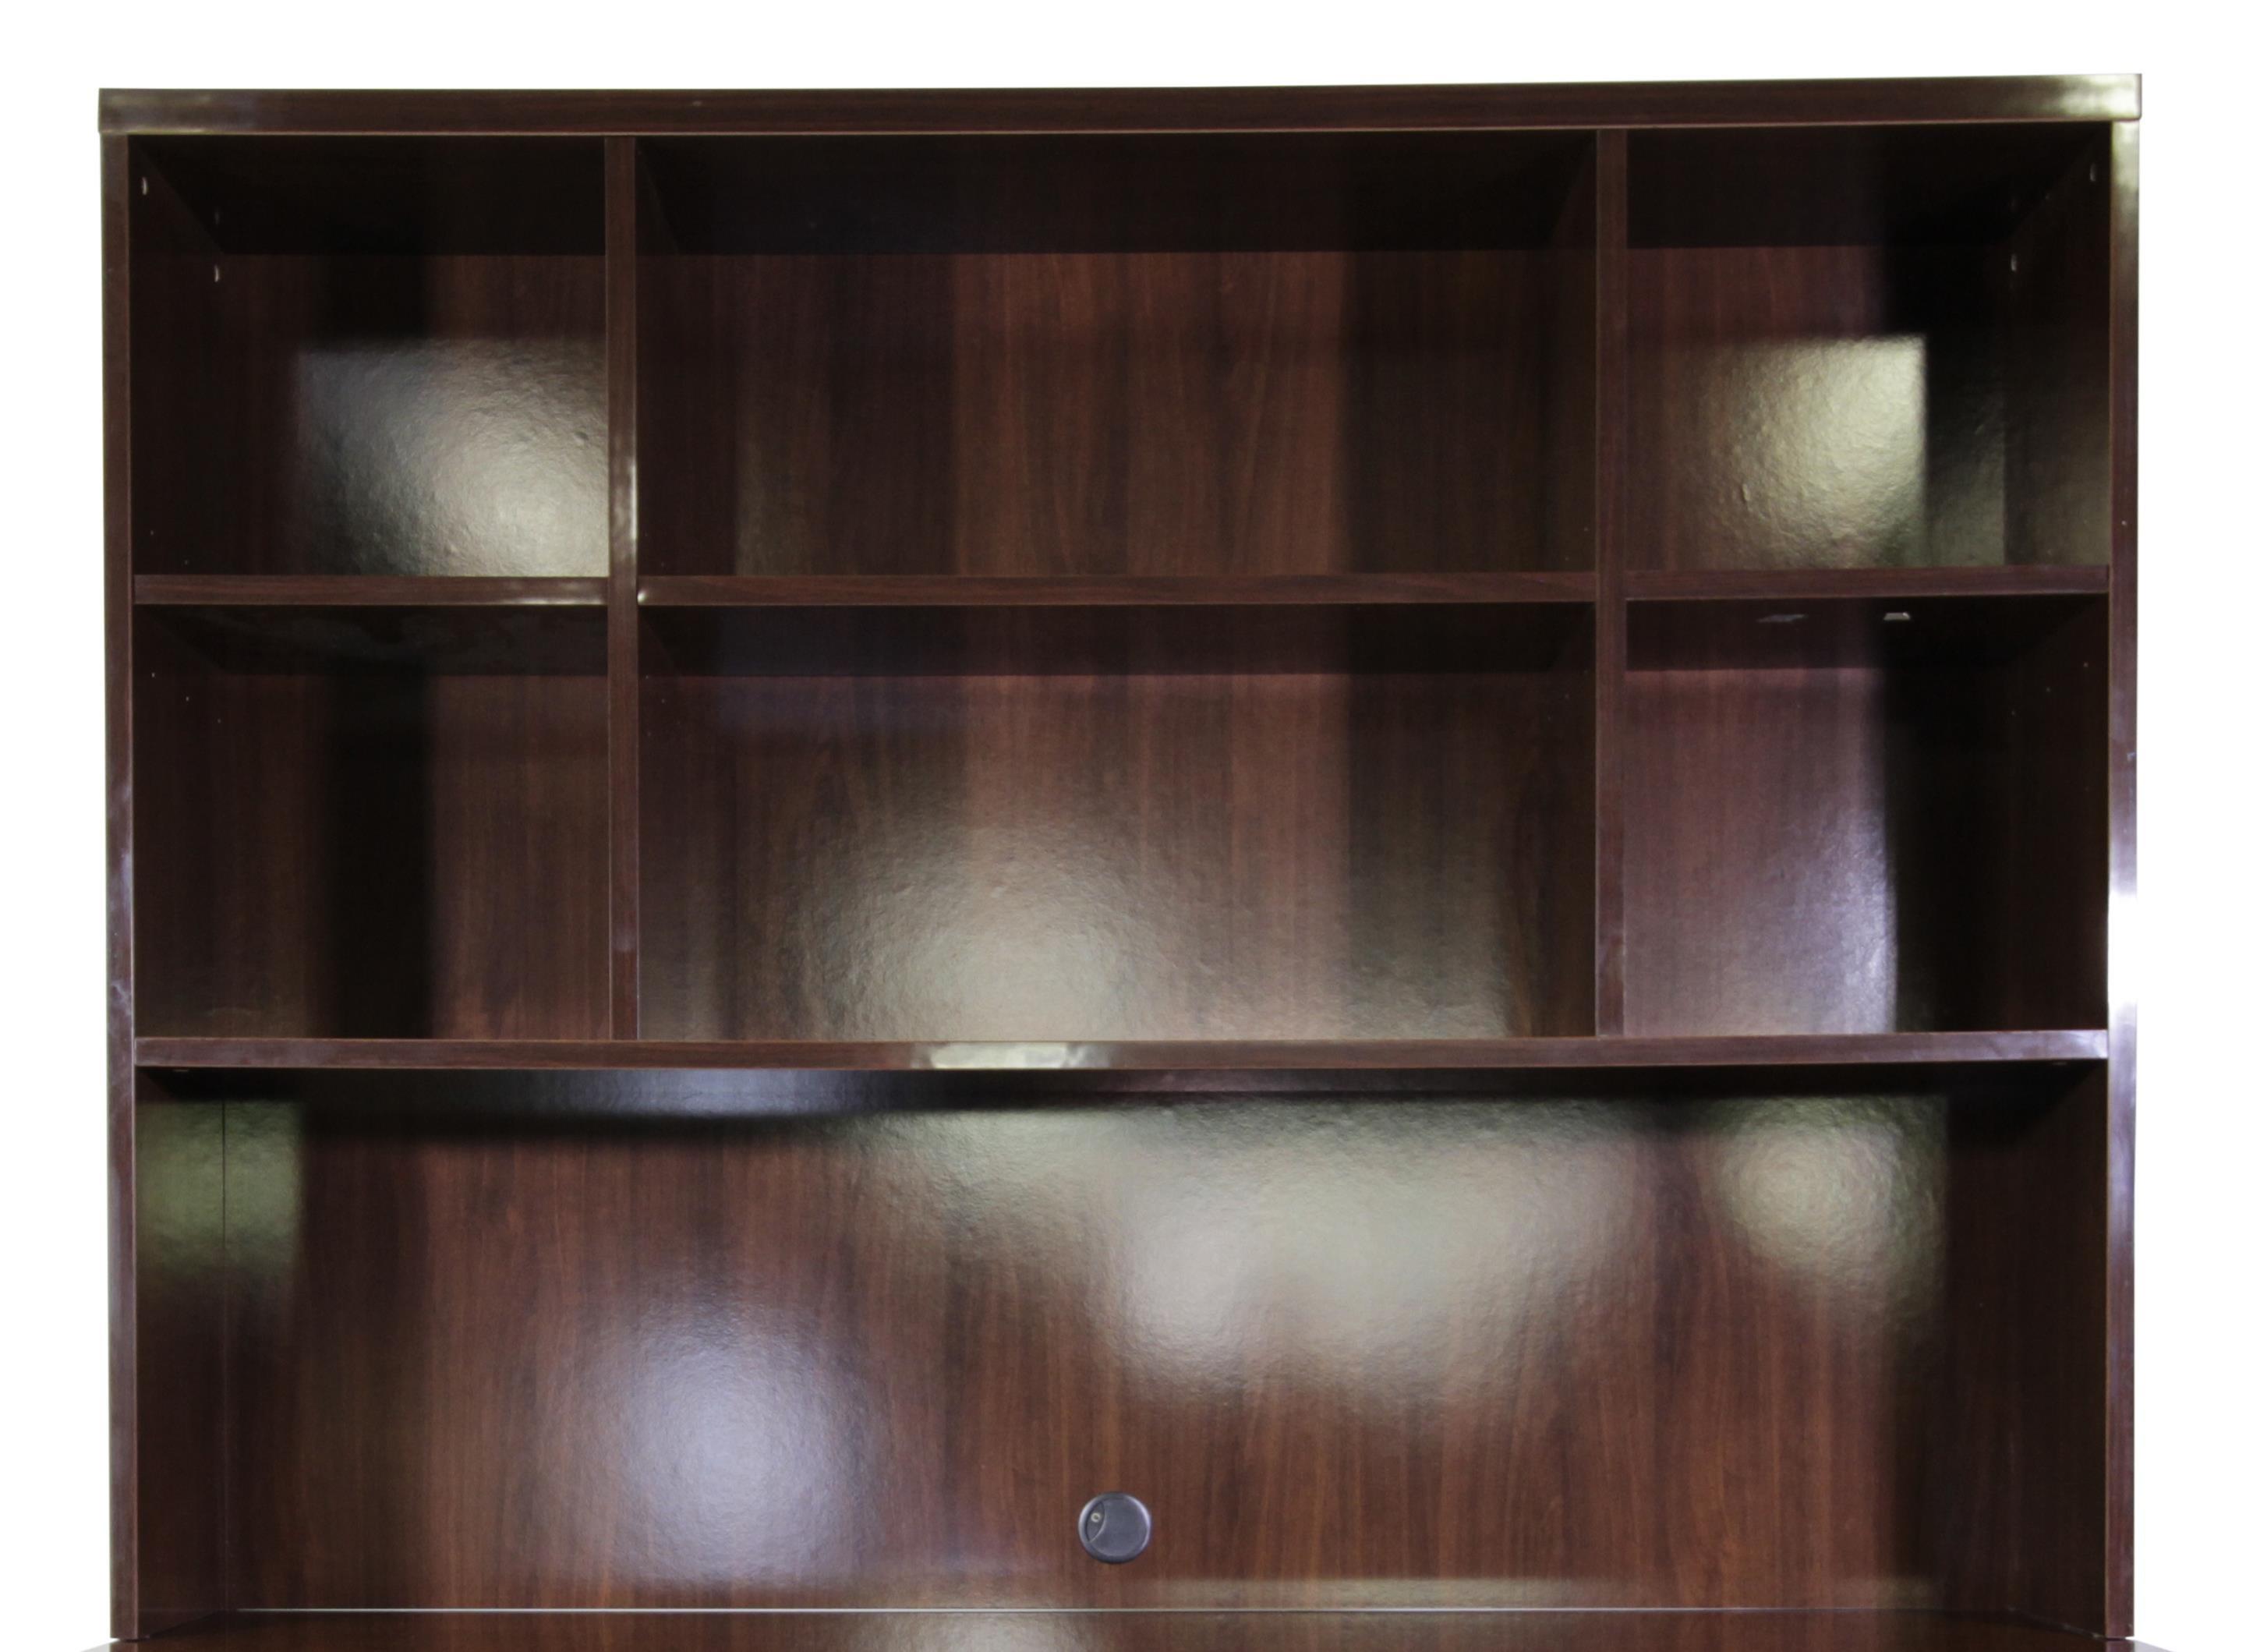 Pisa Credenza Hutch by Alf Italia at HomeWorld Furniture